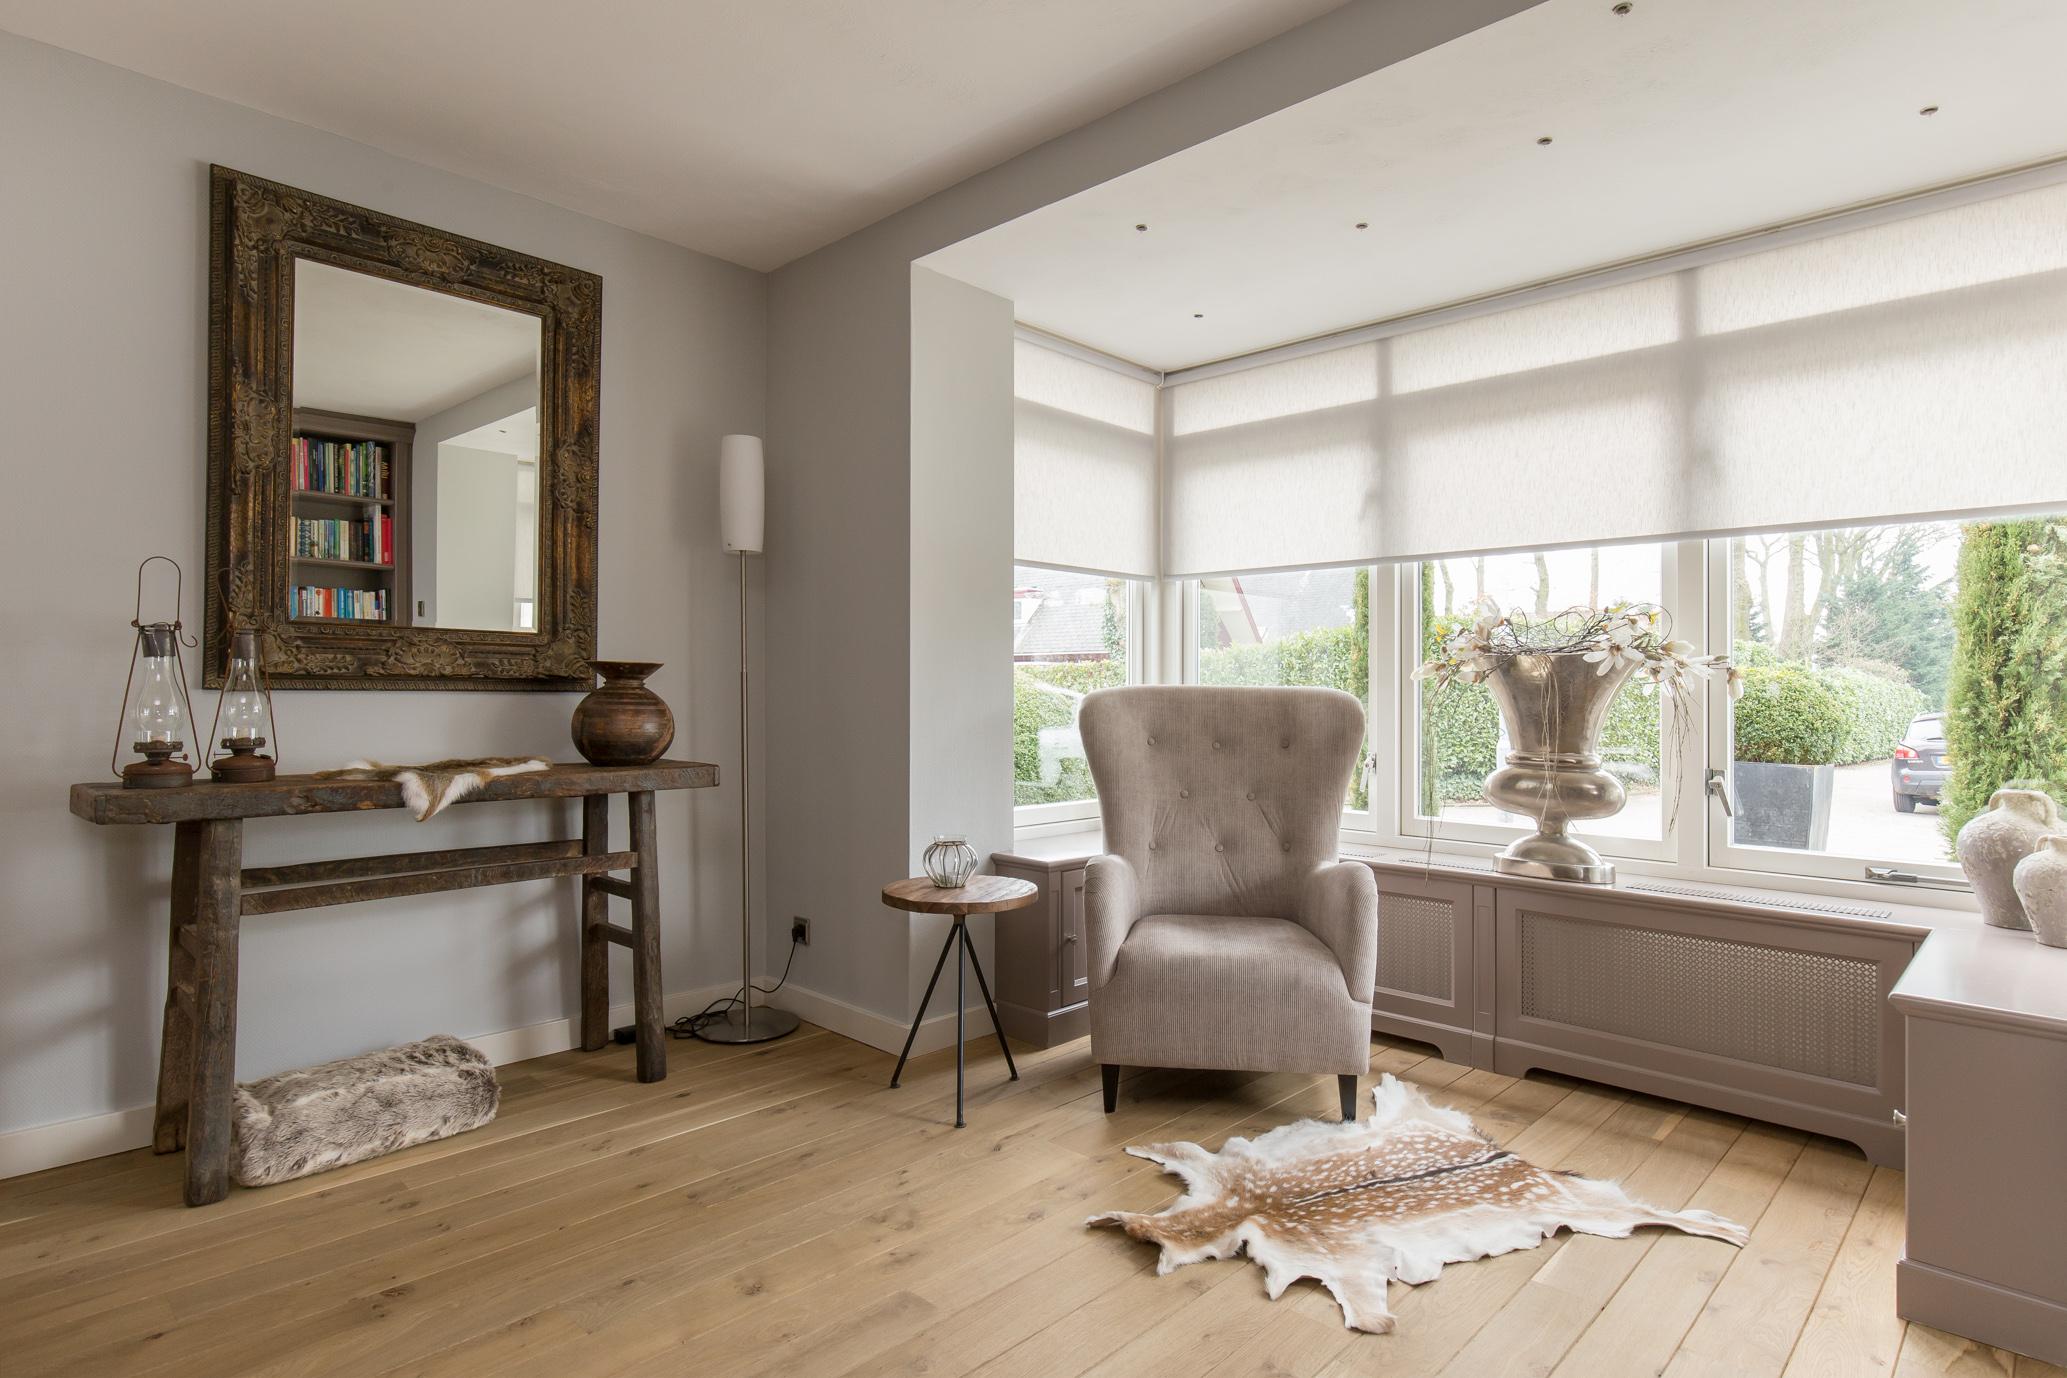 interieurstyling woonkamer invorm nieuw interieur inrichting